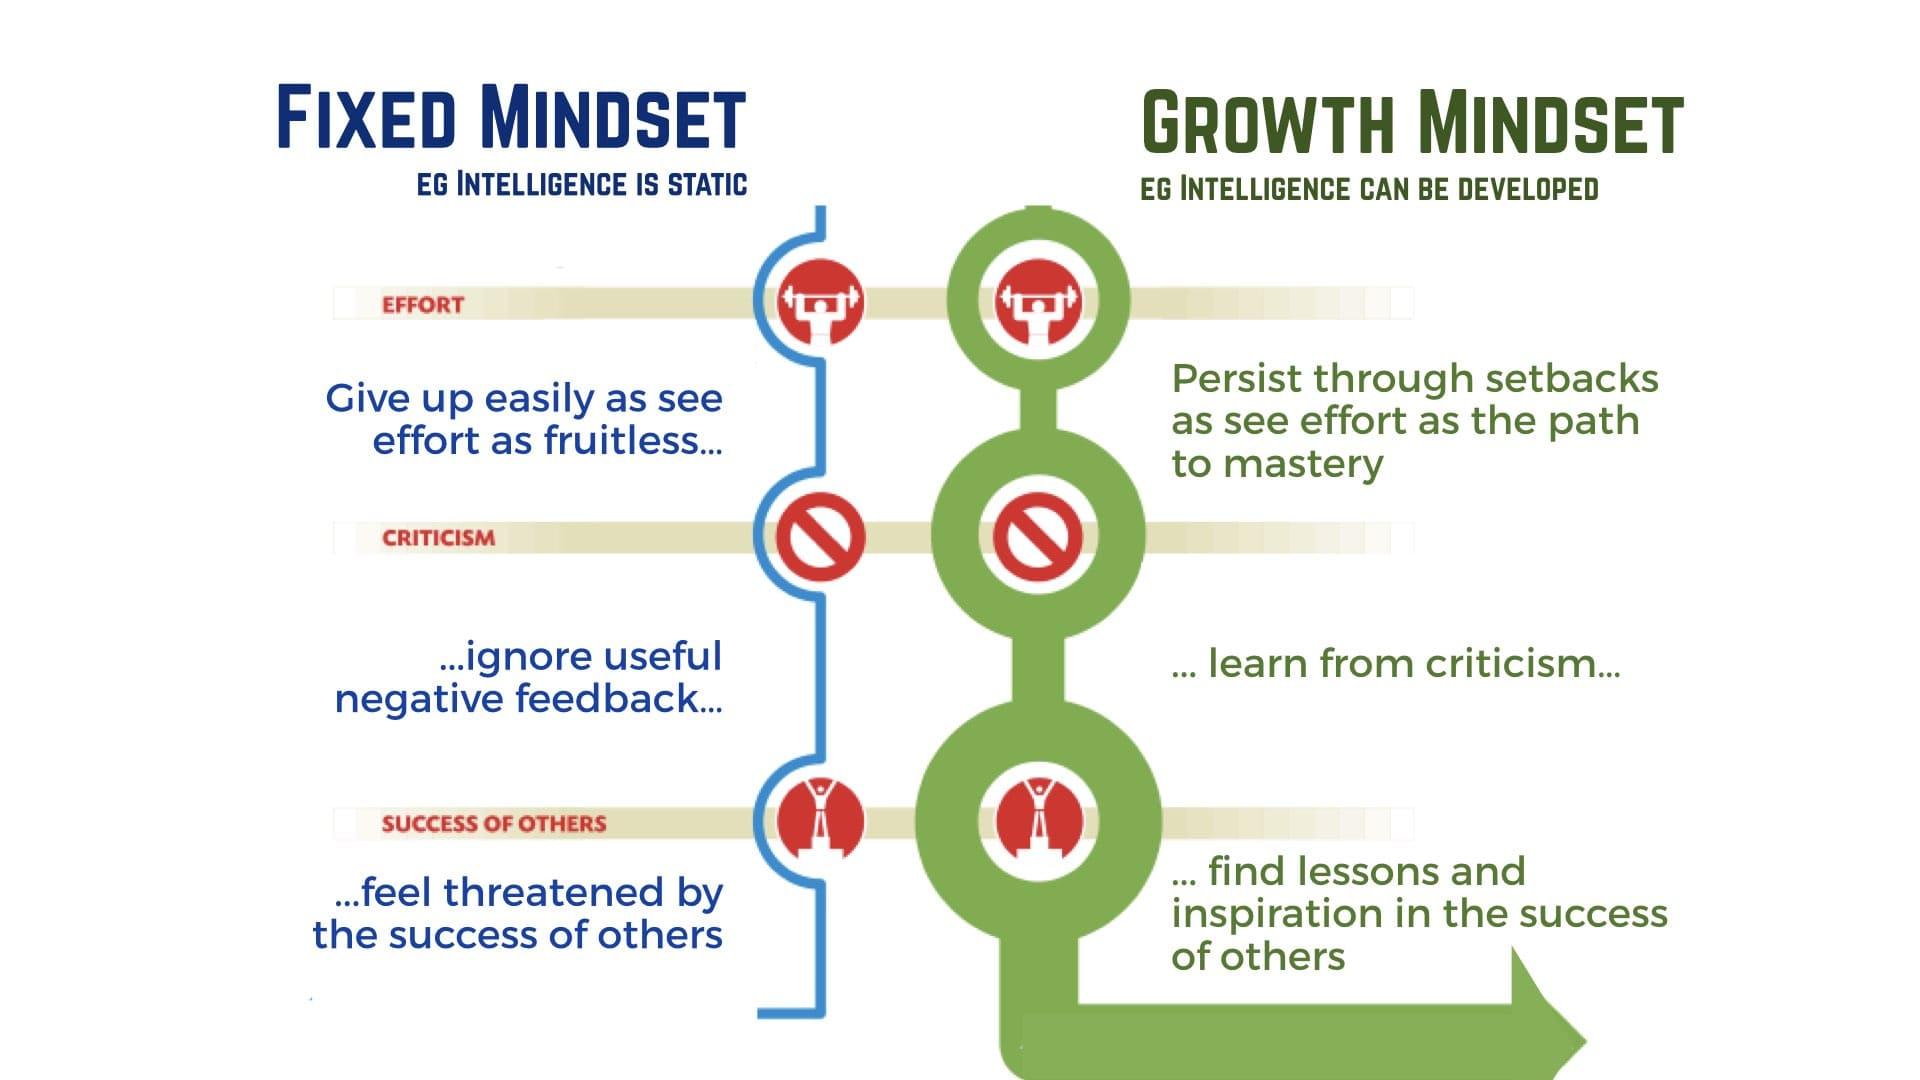 Fixed vs Growth Mindset